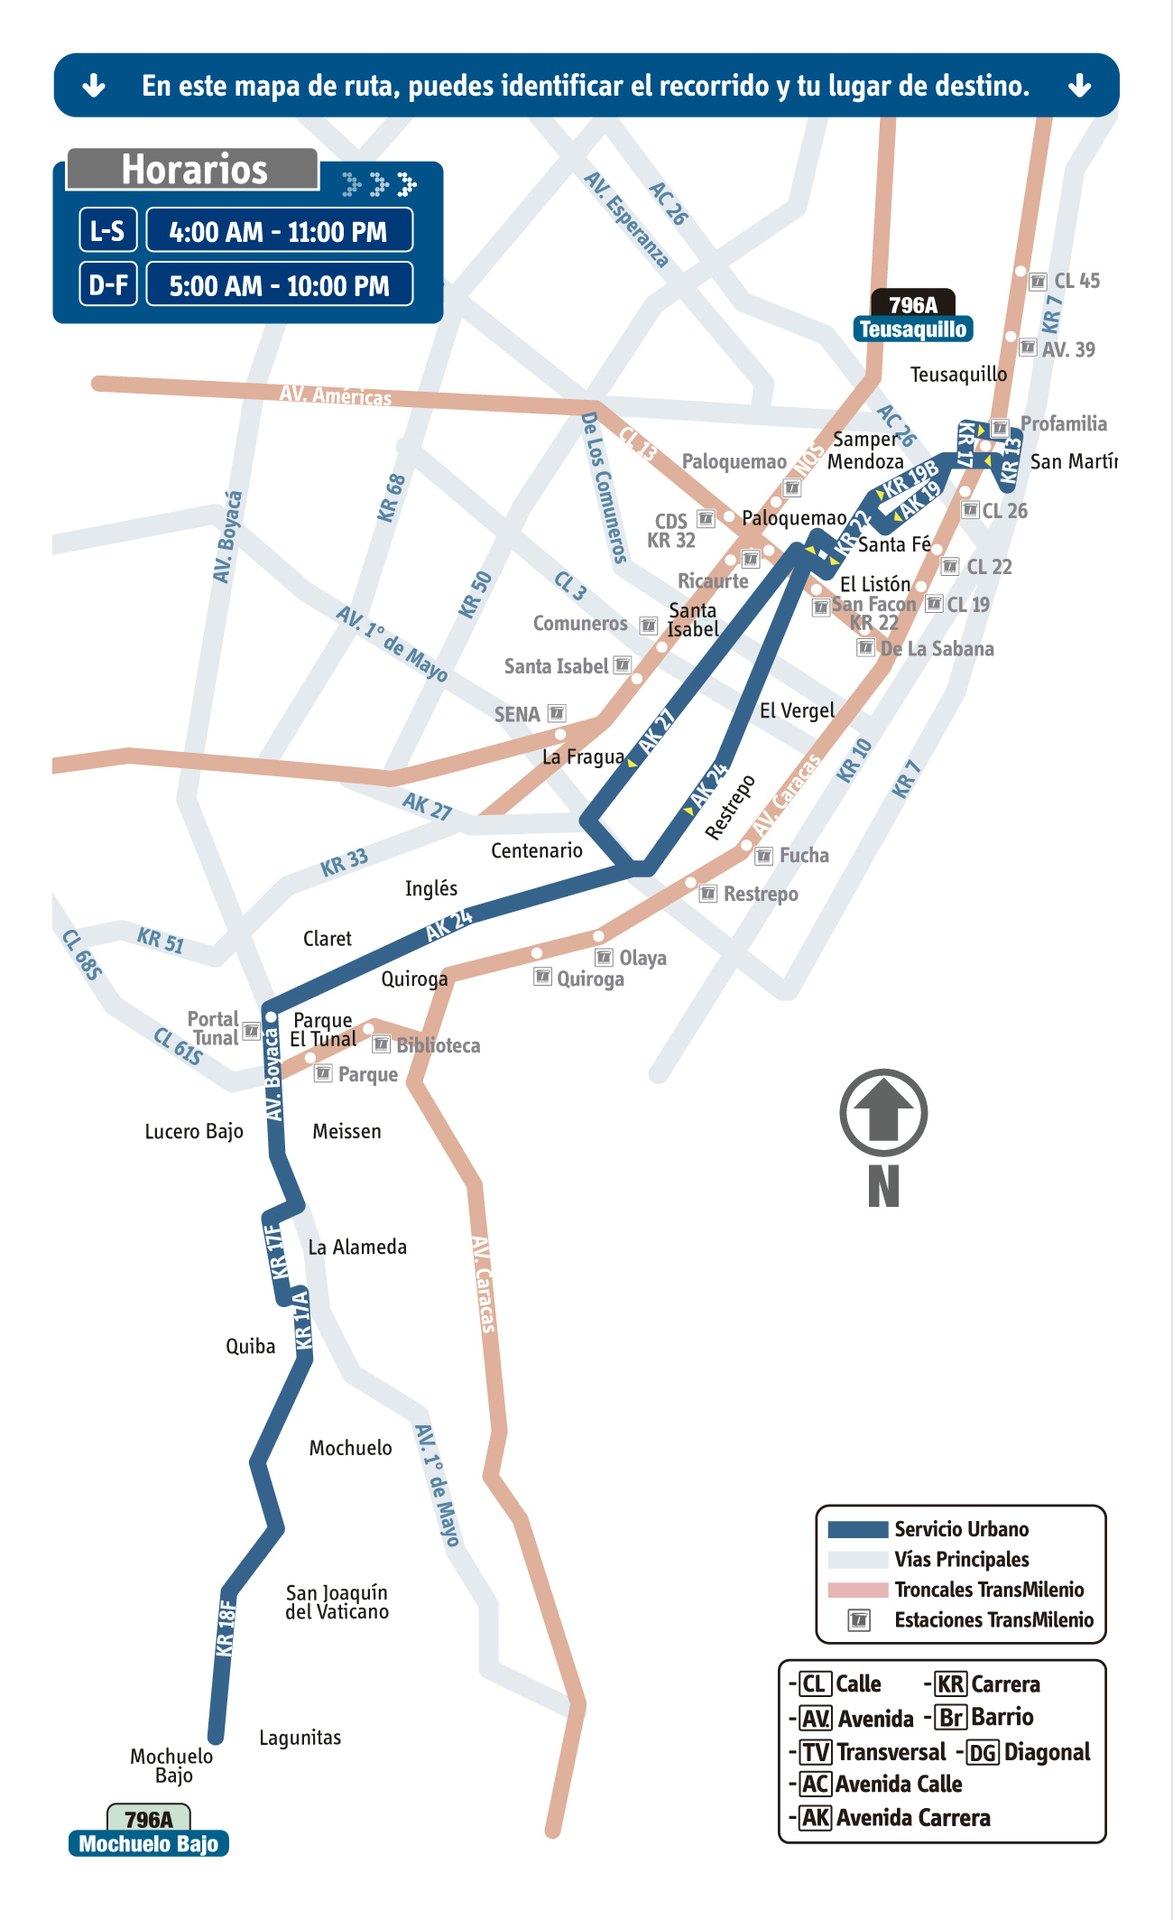 Ruta SITP: 796A Mochuelo Bajo ↔ Teusaquillo [Urbana] 2